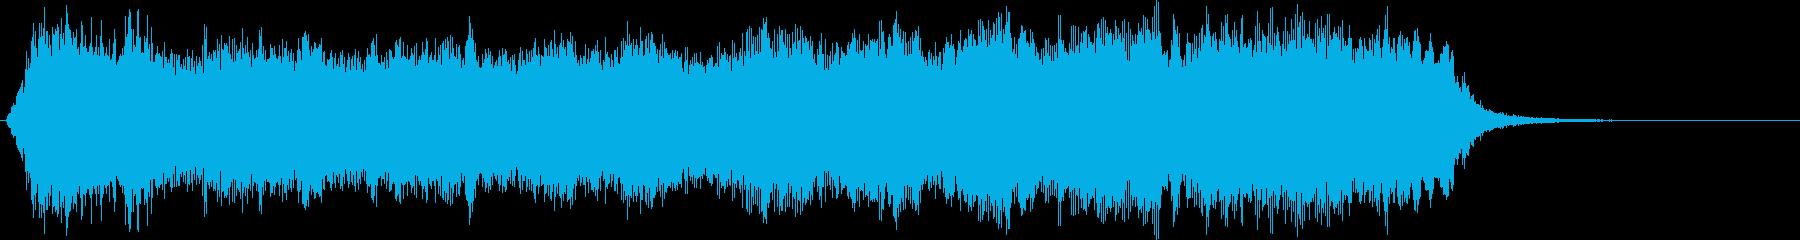 エネルギー・魔力#8(残響あり)の再生済みの波形